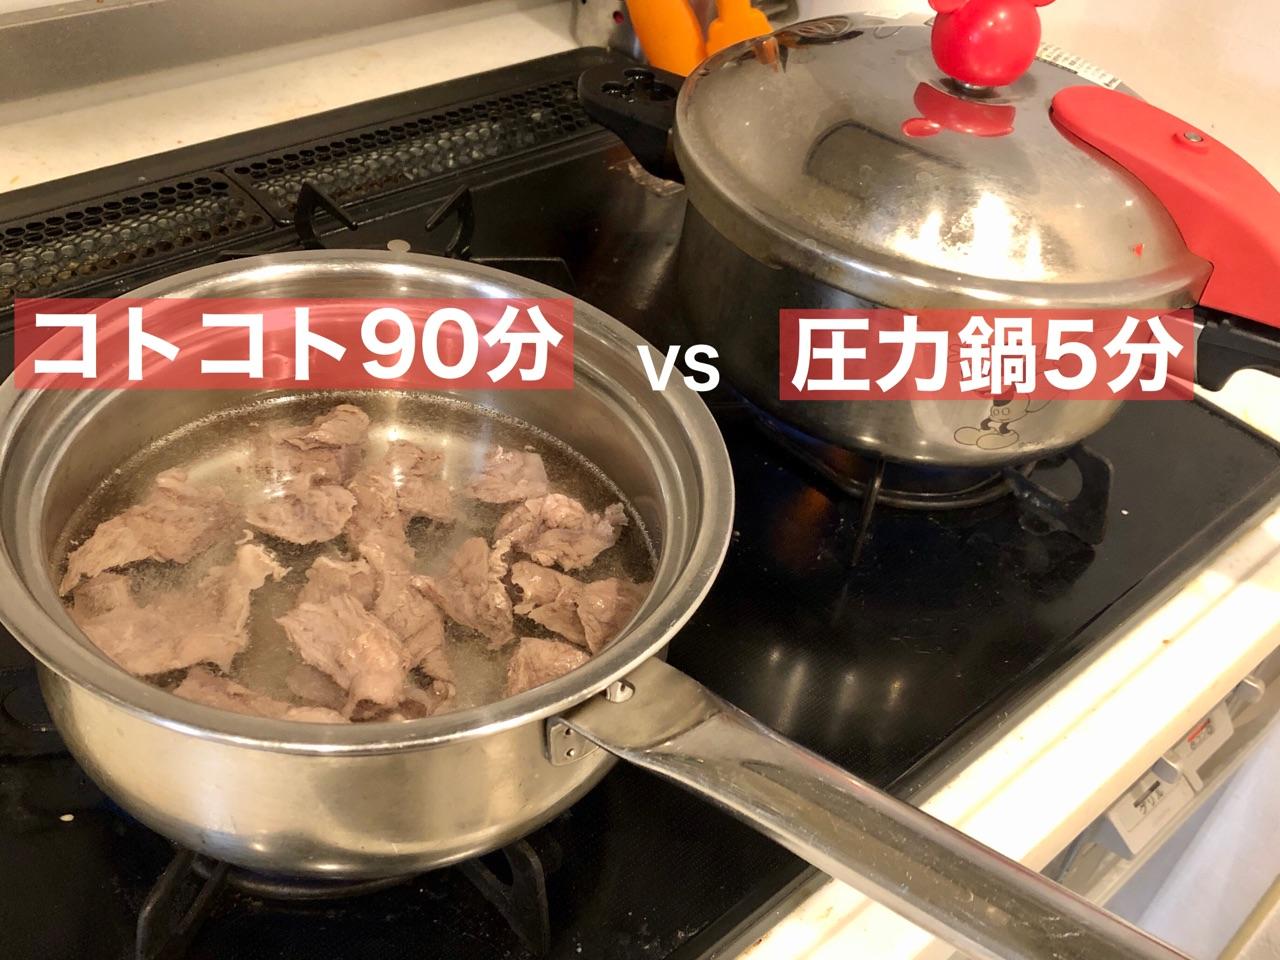 煮込み 牛 圧力 鍋 すじ